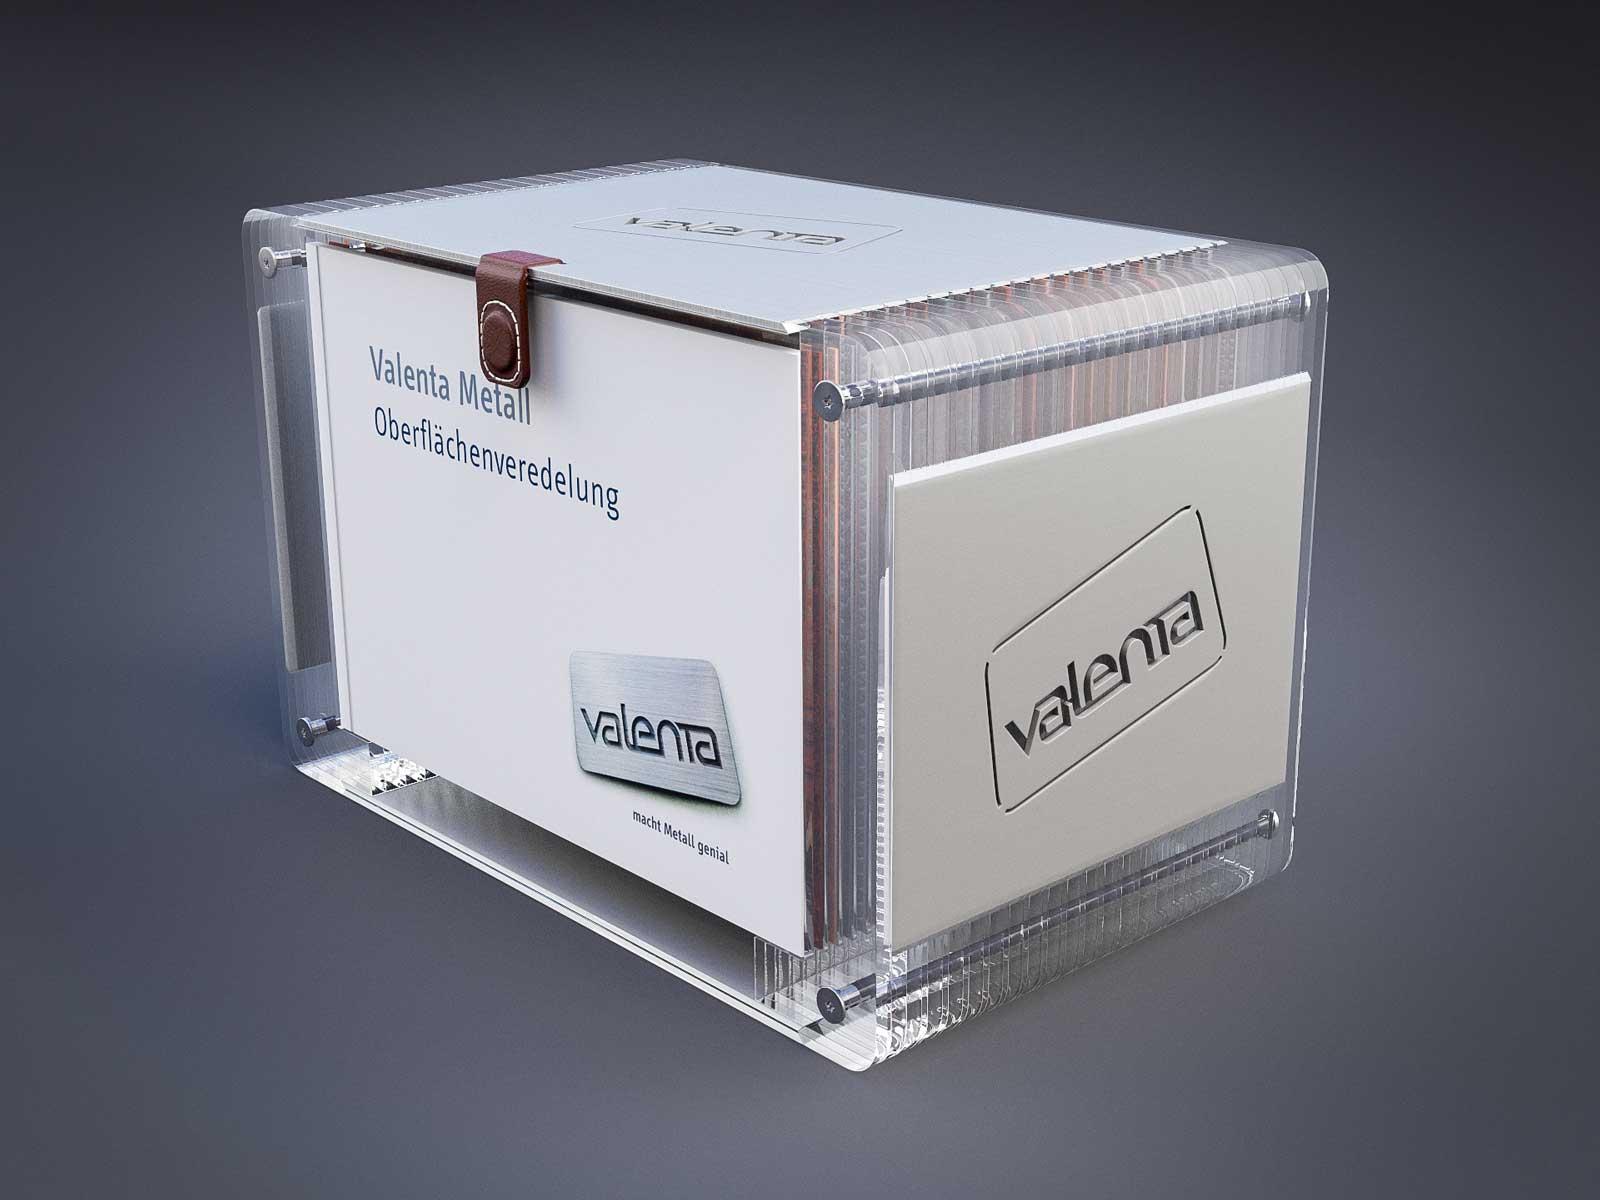 2. Valenta Metall GmbH - Verpackungsdesign für Blechmuster Kollektion